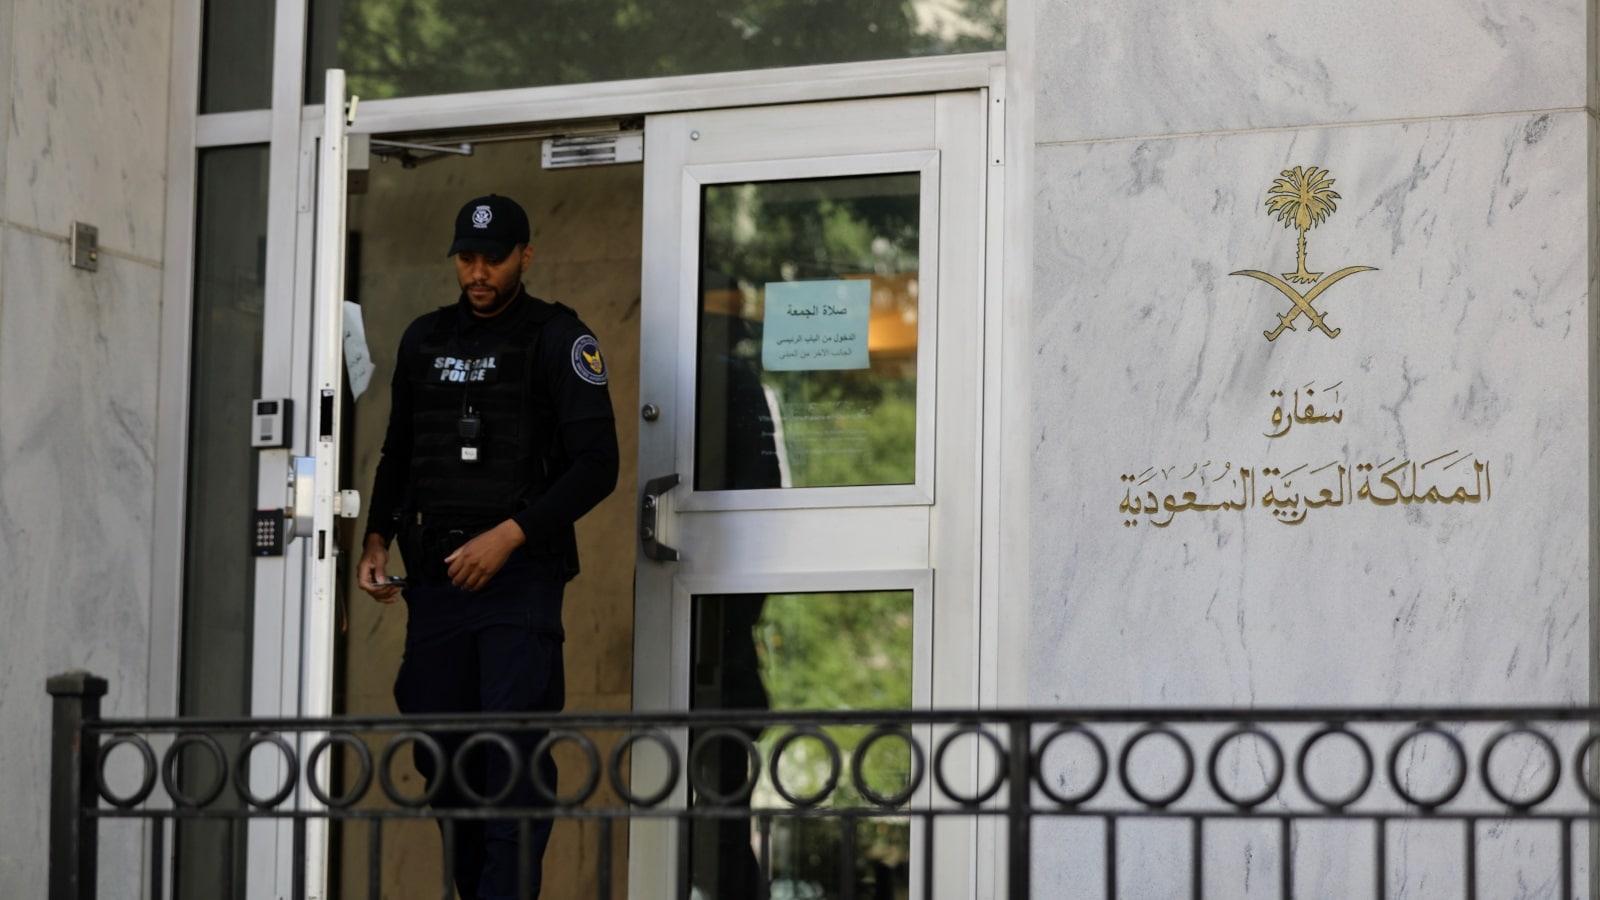 السفارة السعودية في أمريكا